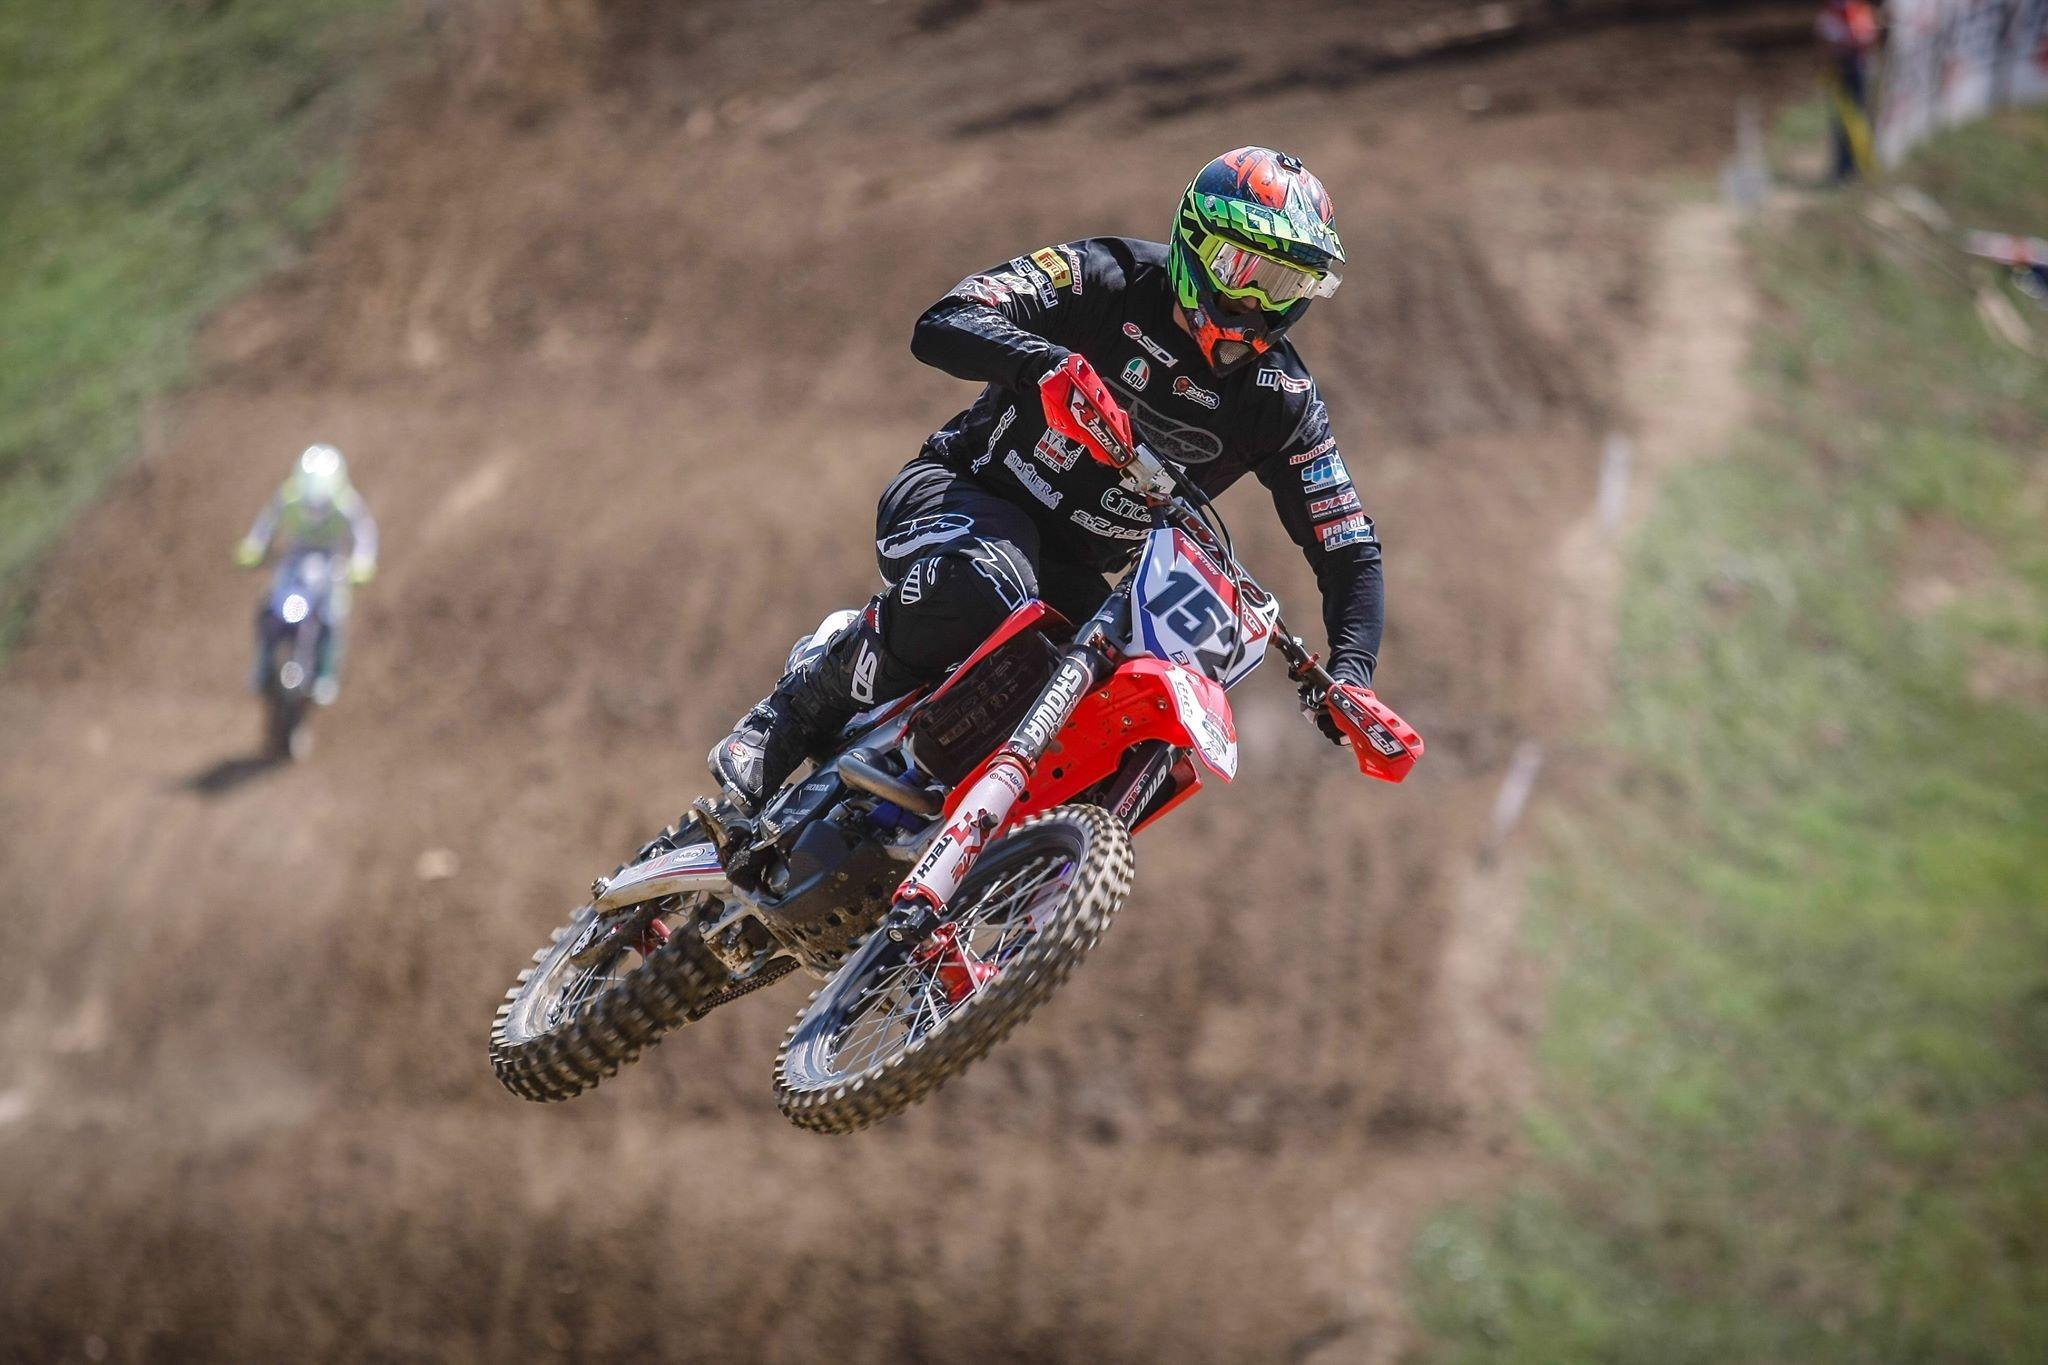 Българската надежда в Световния шампионат по мотокрос Петър Петров (Honda)